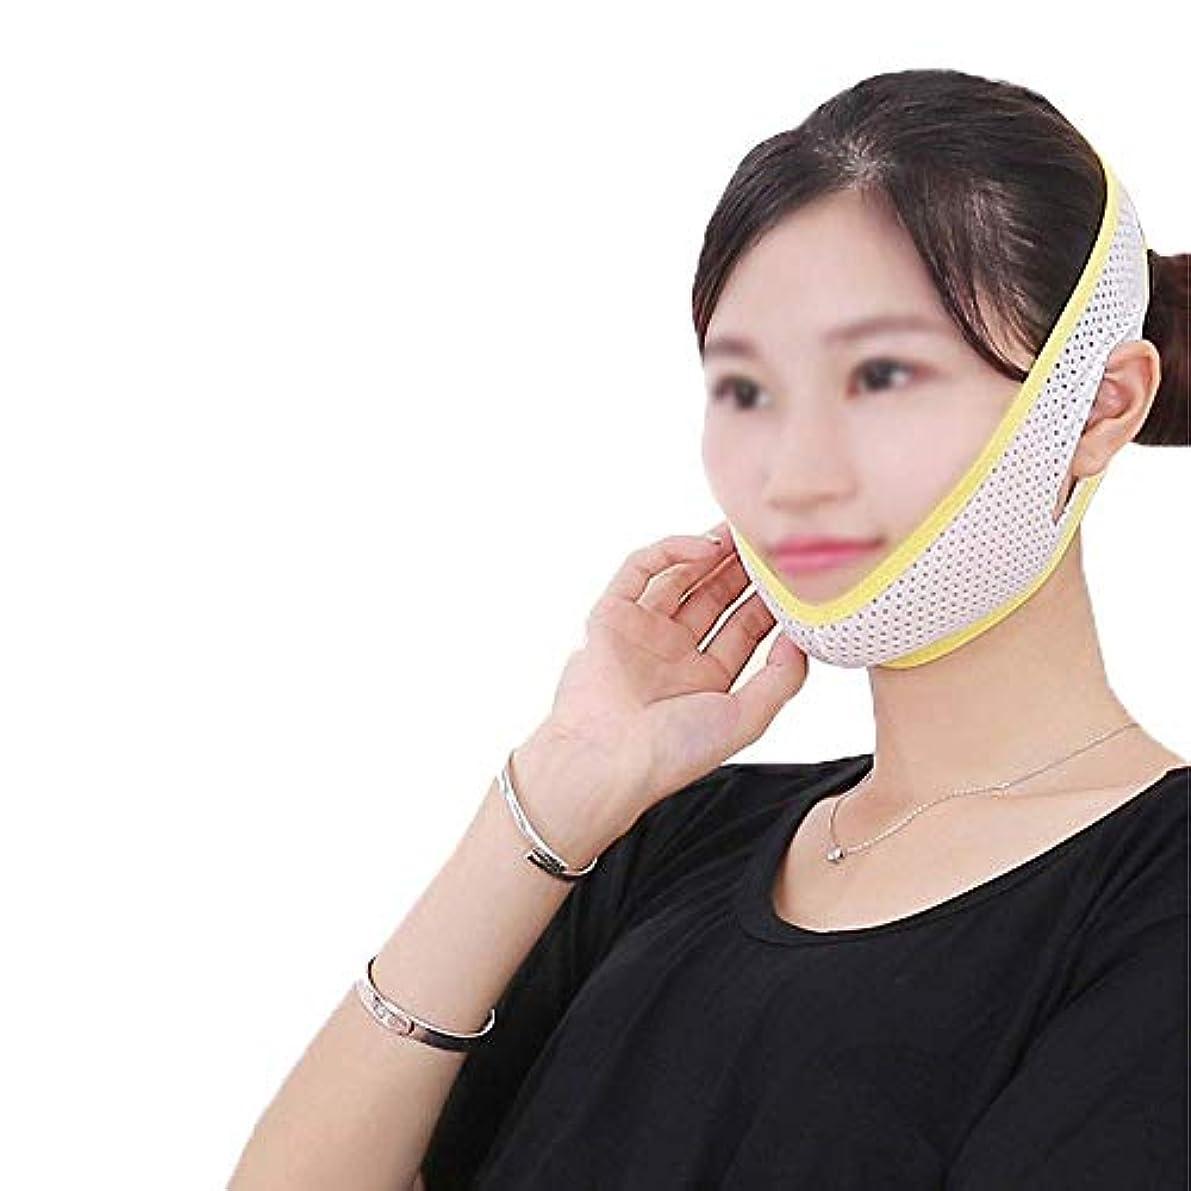 着る多様性胆嚢フェイスアンドネックリフト、フェイスリフトマスク強力なフェイスリフティングツール引き締めて持ち上げるスキニーフェイスマスクアーティファクトフェイスリフティングバンデージフェイスリフティングデバイス